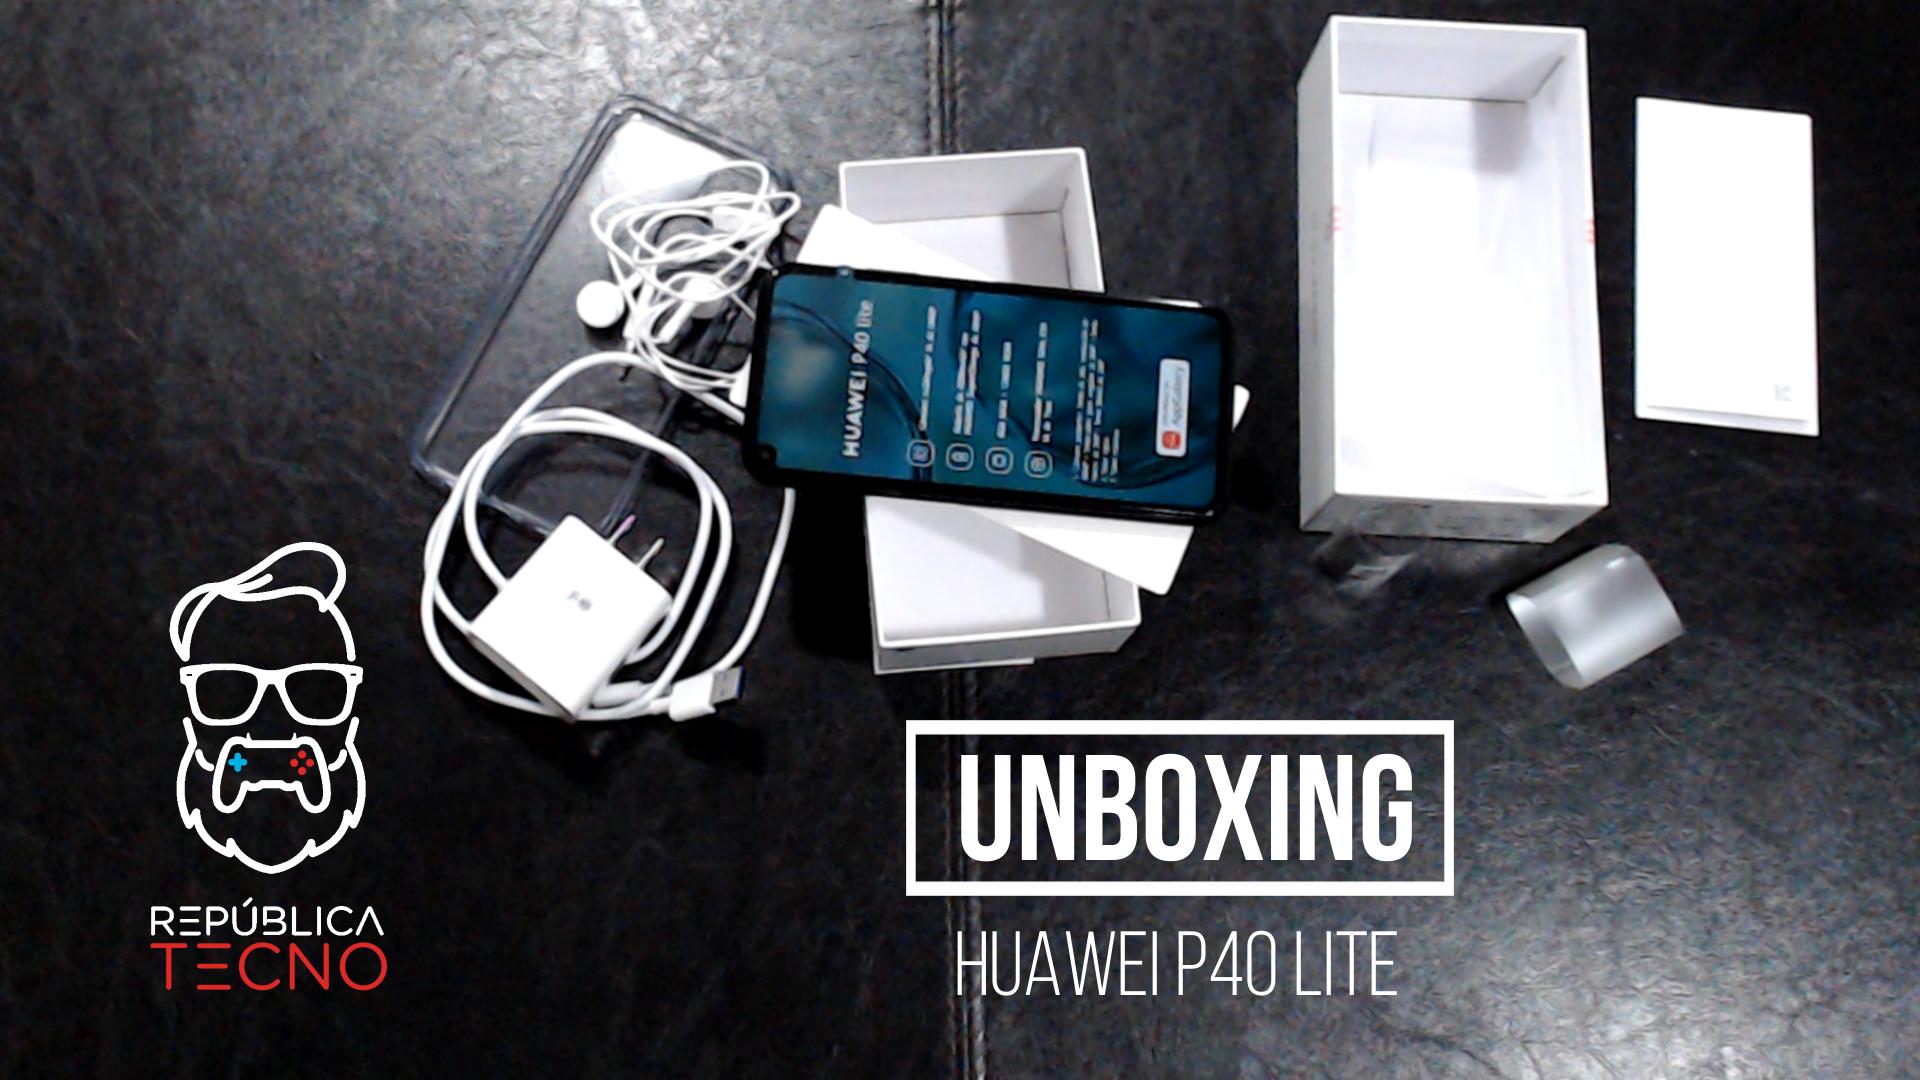 Unboxing: Estas son las características del Huawei P40 Lite - reseña